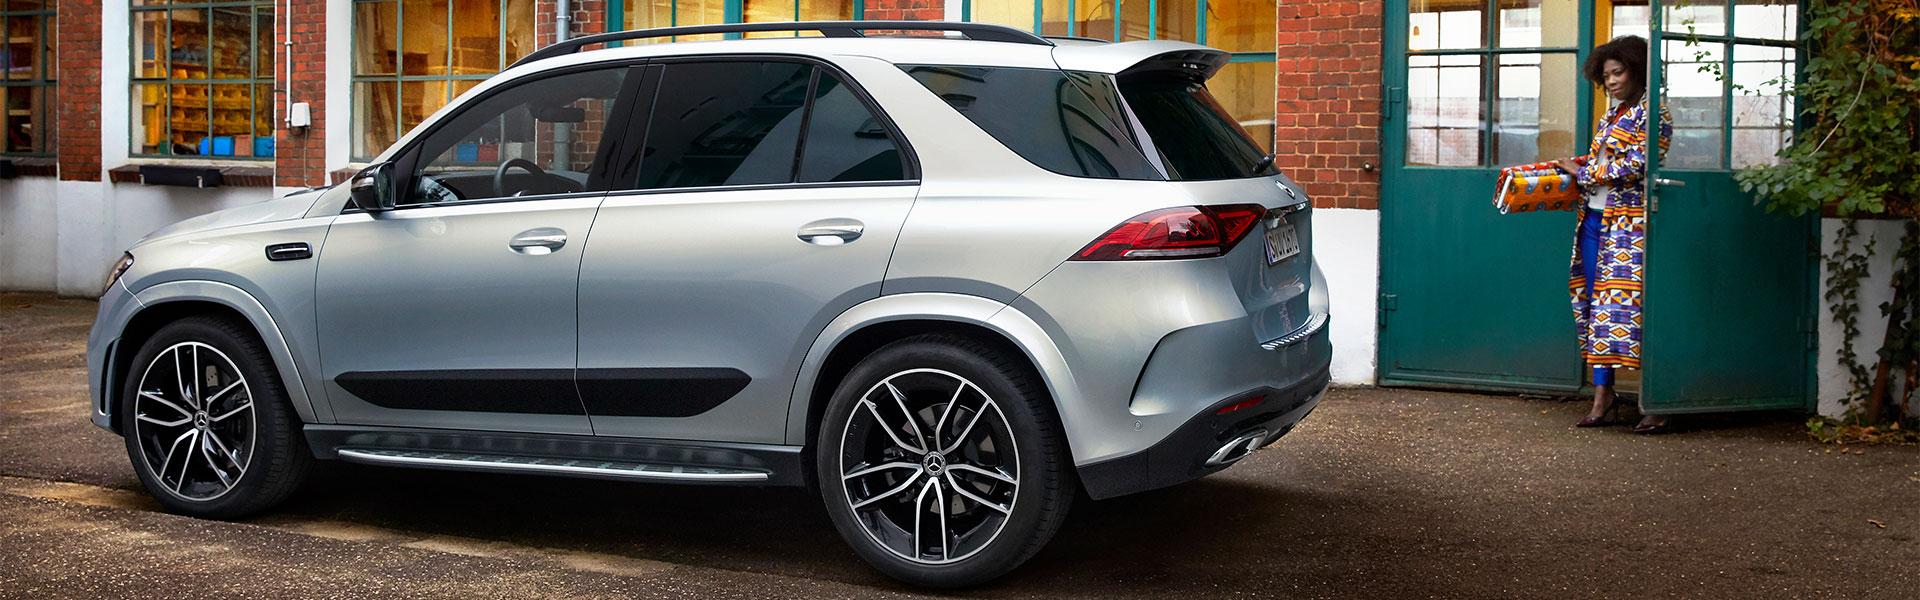 Mercedes-Benz-Mercedes-Brinkmann-Reifenservice-Reifeneinlagerung-Reifenschutz-Reifenwechsel-Räderwechsel